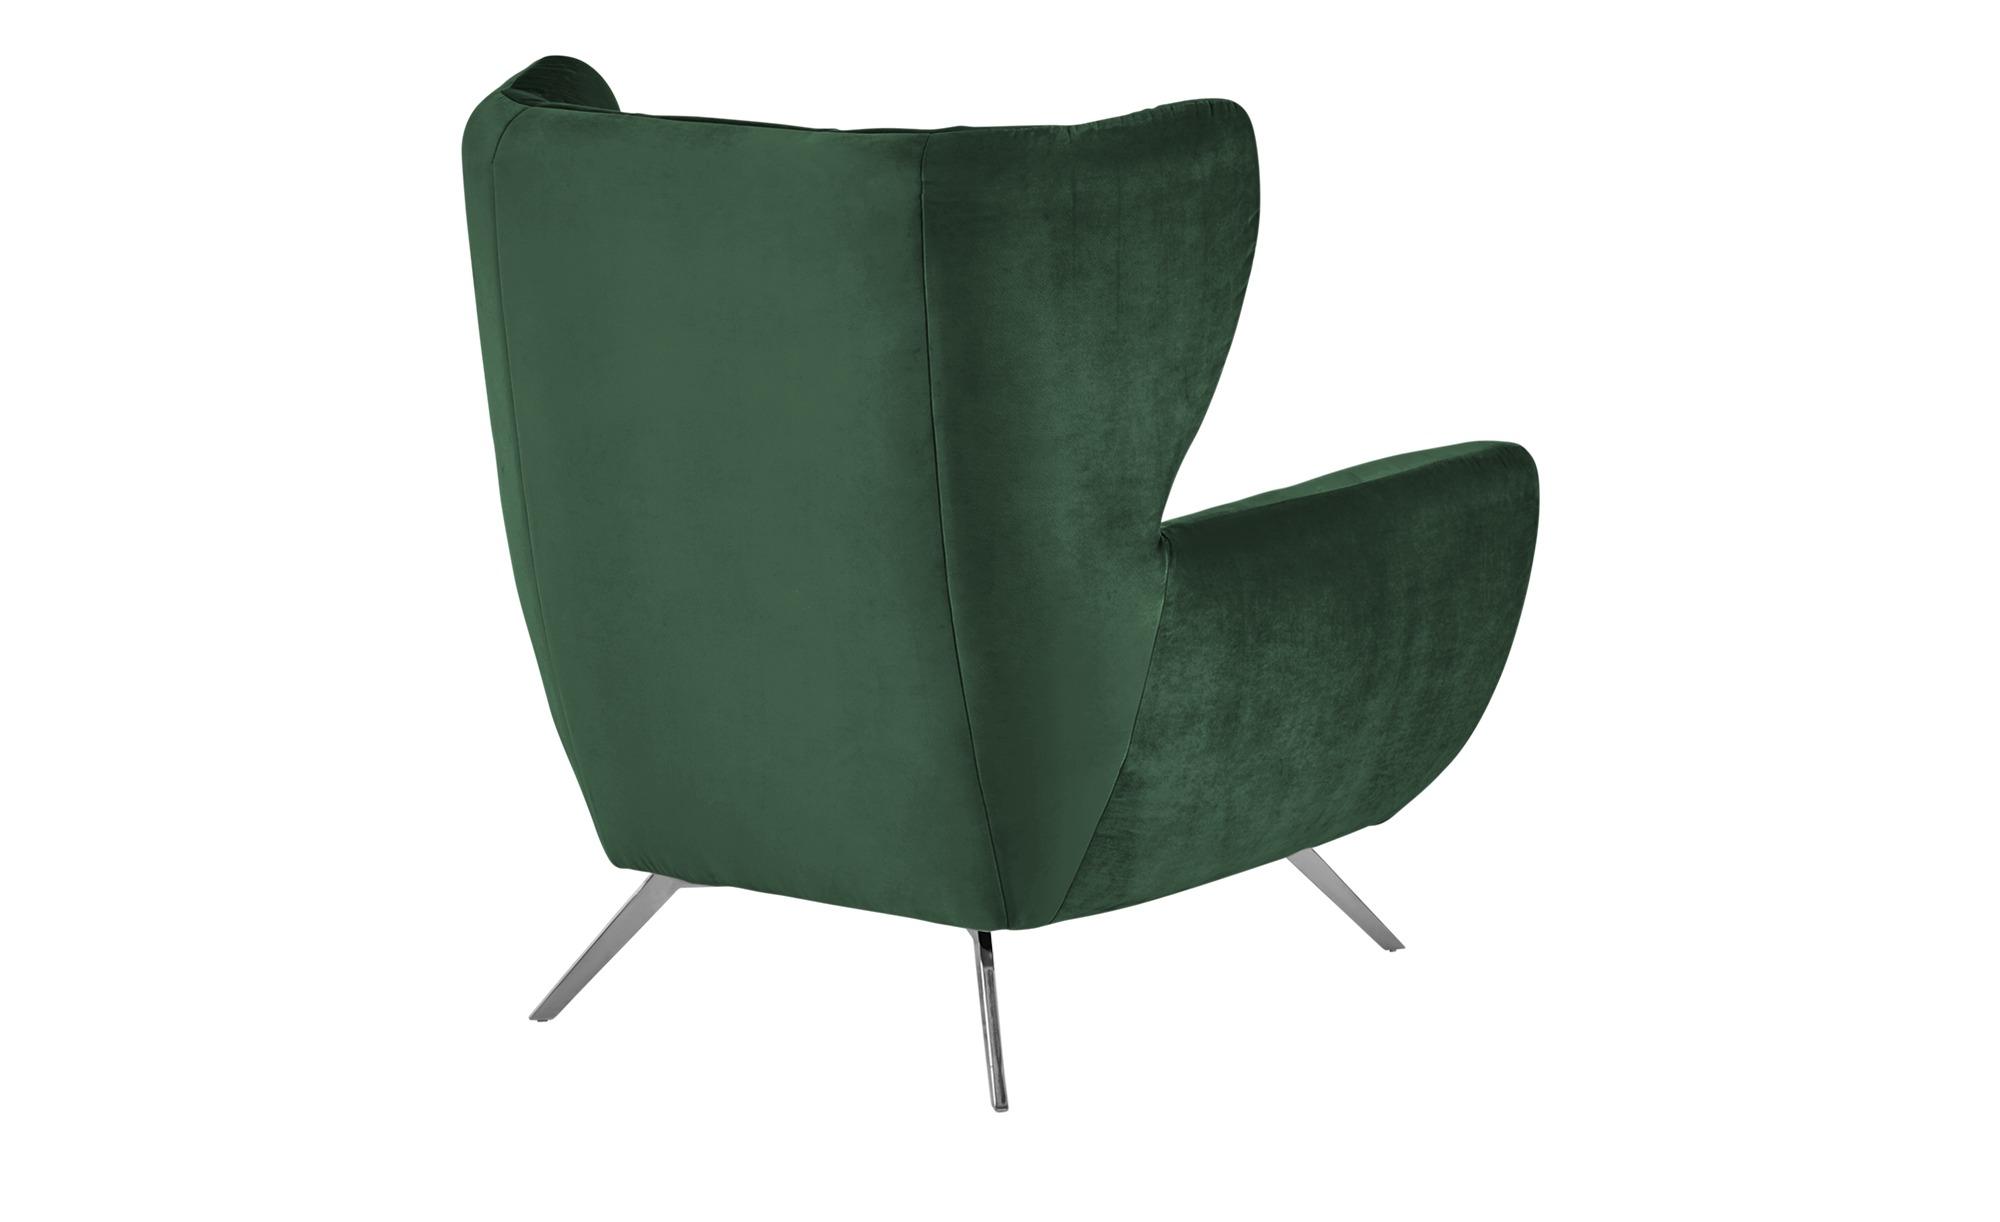 pop Hochlehnsessel  Caldara ¦ grün ¦ Maße (cm): B: 100 H: 106 T: 95 Polstermöbel > Sessel > Ohrensessel - Höffner